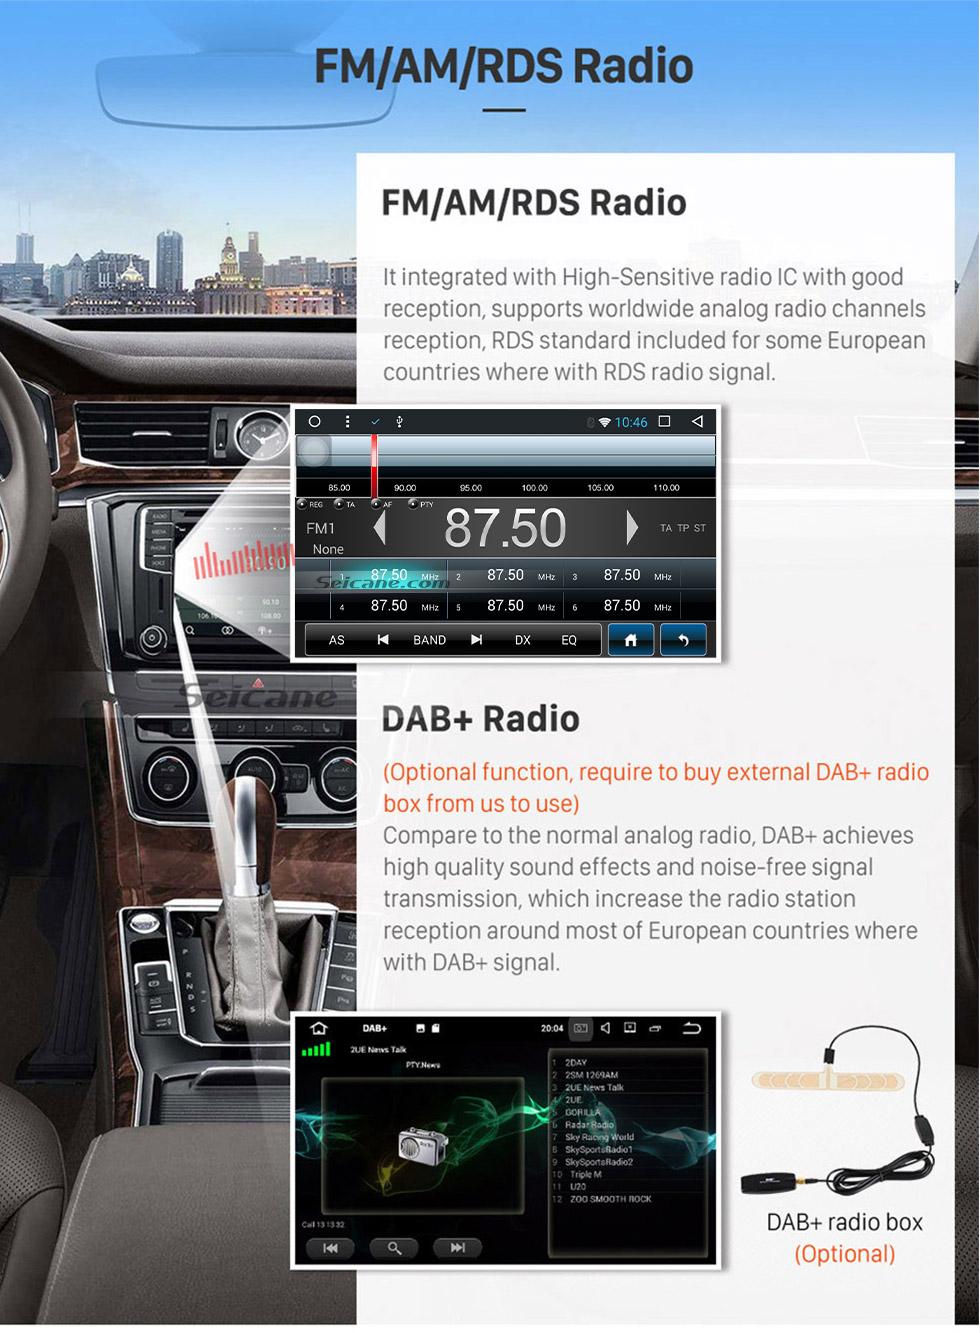 Seicane Reposição Android 7.1 Ecrã Tátil sistema de navegação GPS para 2015 Mitsubishi Universal Suporta Bluetooth Rádio TPMS DVR OBD II Câmera traseira AUX Monitor Control encosto de cabeça USB SD HD 1080P Vídeo 3G WiFi